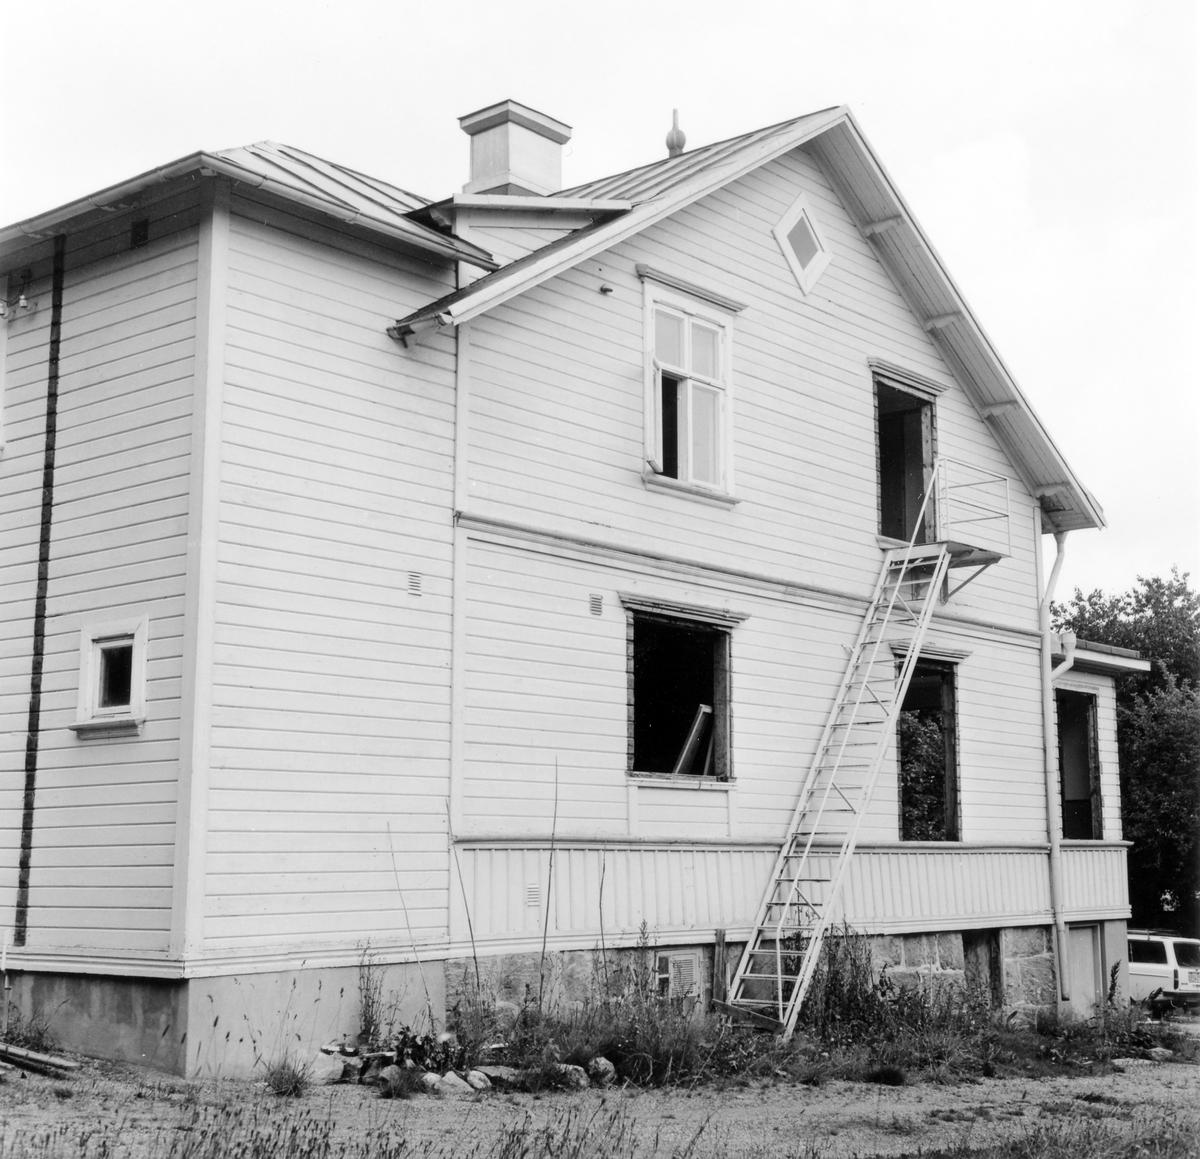 Sidogavel på barnhemmet vid Solstrandsvägen i Prästeryd. Alternativ utgång/nödutgång från andra våningen.  Till och ombyggt trähus i två våningar med liggande och stående fasadpanel. Rödmålat plåttak och gulmålad fasad.  Byggnaden revs i augusti 1978.